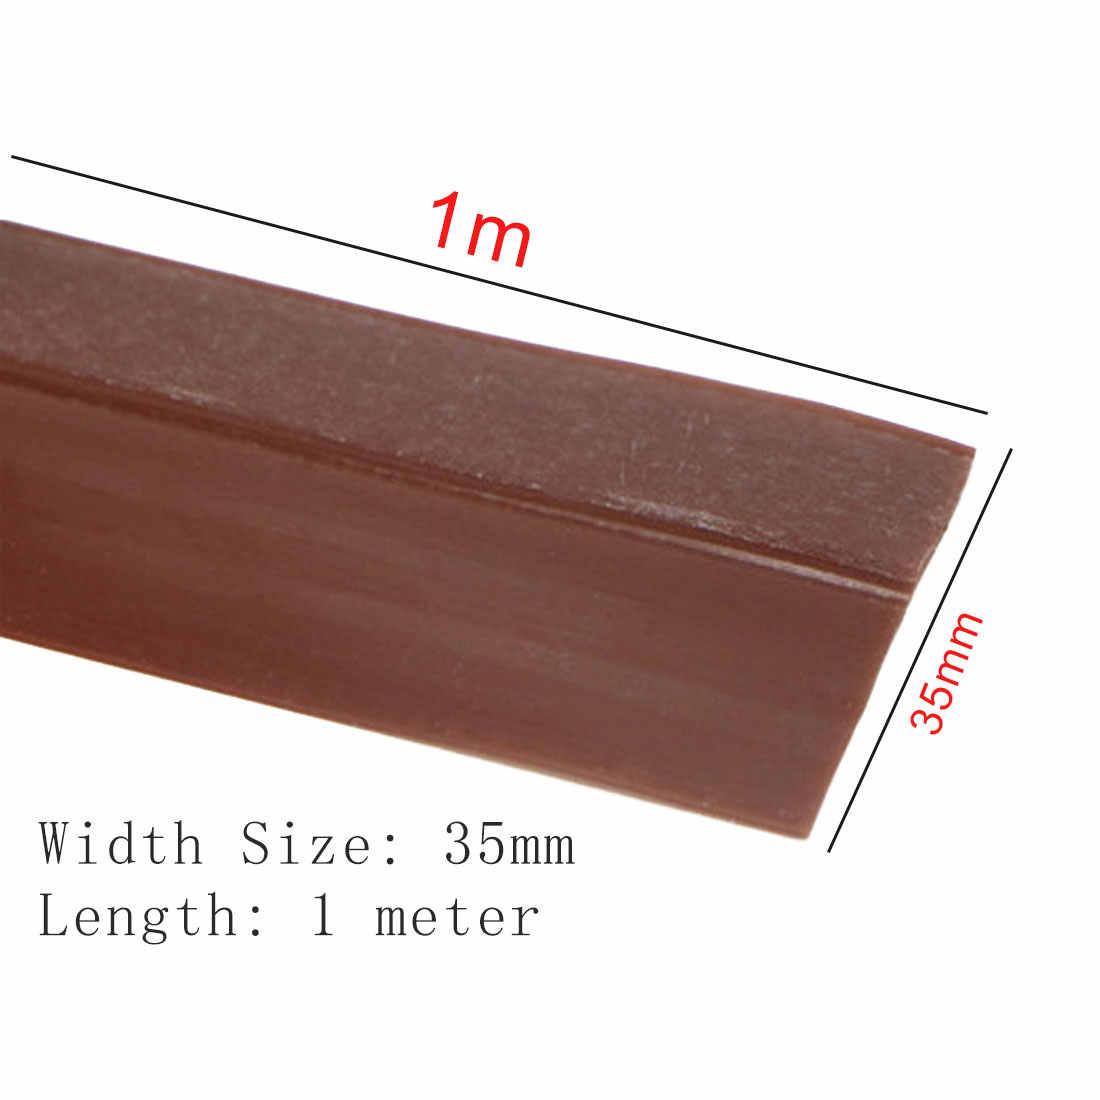 Silikonowe o długości 1 m wielofunkcyjny uszczelniania szkła okno Model stali nierdzewnej drzwi uszczelki silikonowe ponad Bar przezroczysty 35 mm szerokość